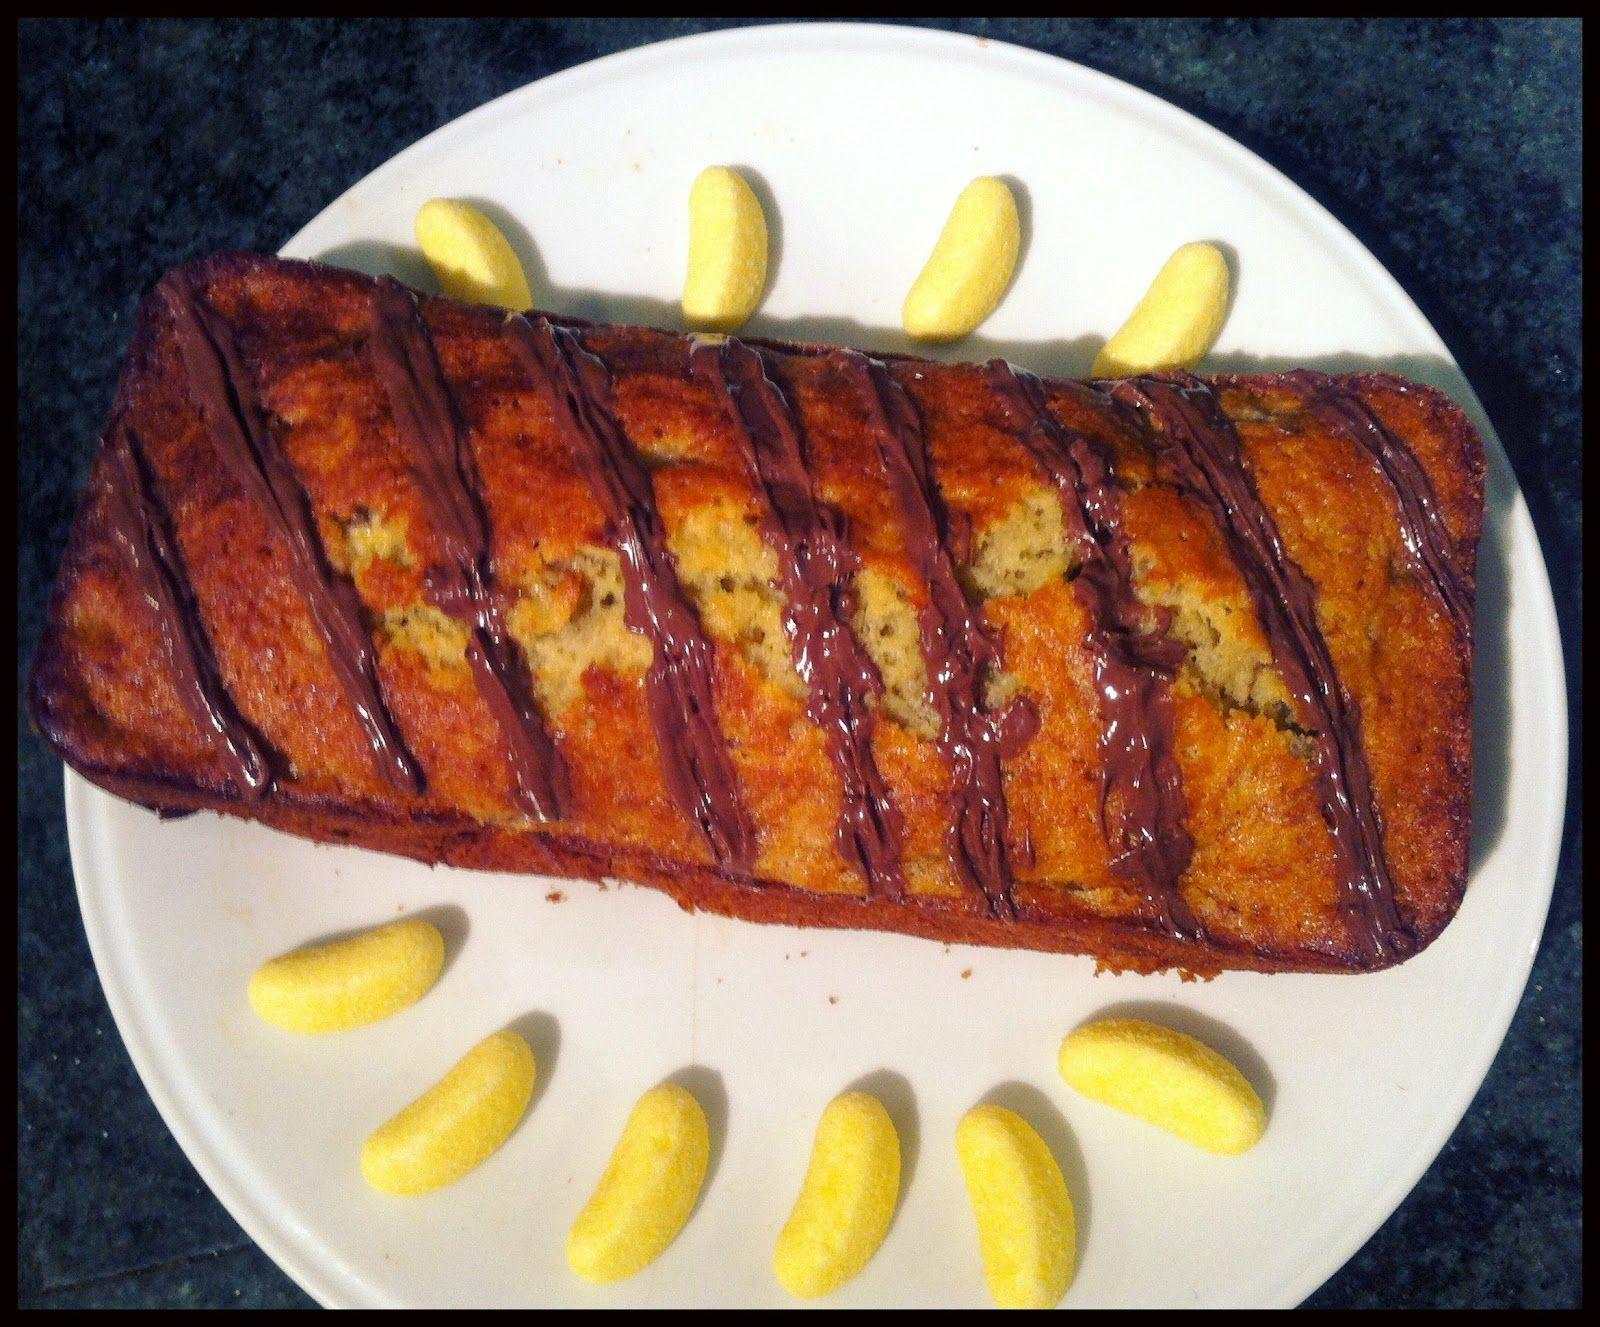 Banana-Nutella cake recipe sur Cultivez moi !  http://cultivez-moi.blogspot.fr/2012/08/calo-quoi-alors-la-je-vois-vraiment-pas.html